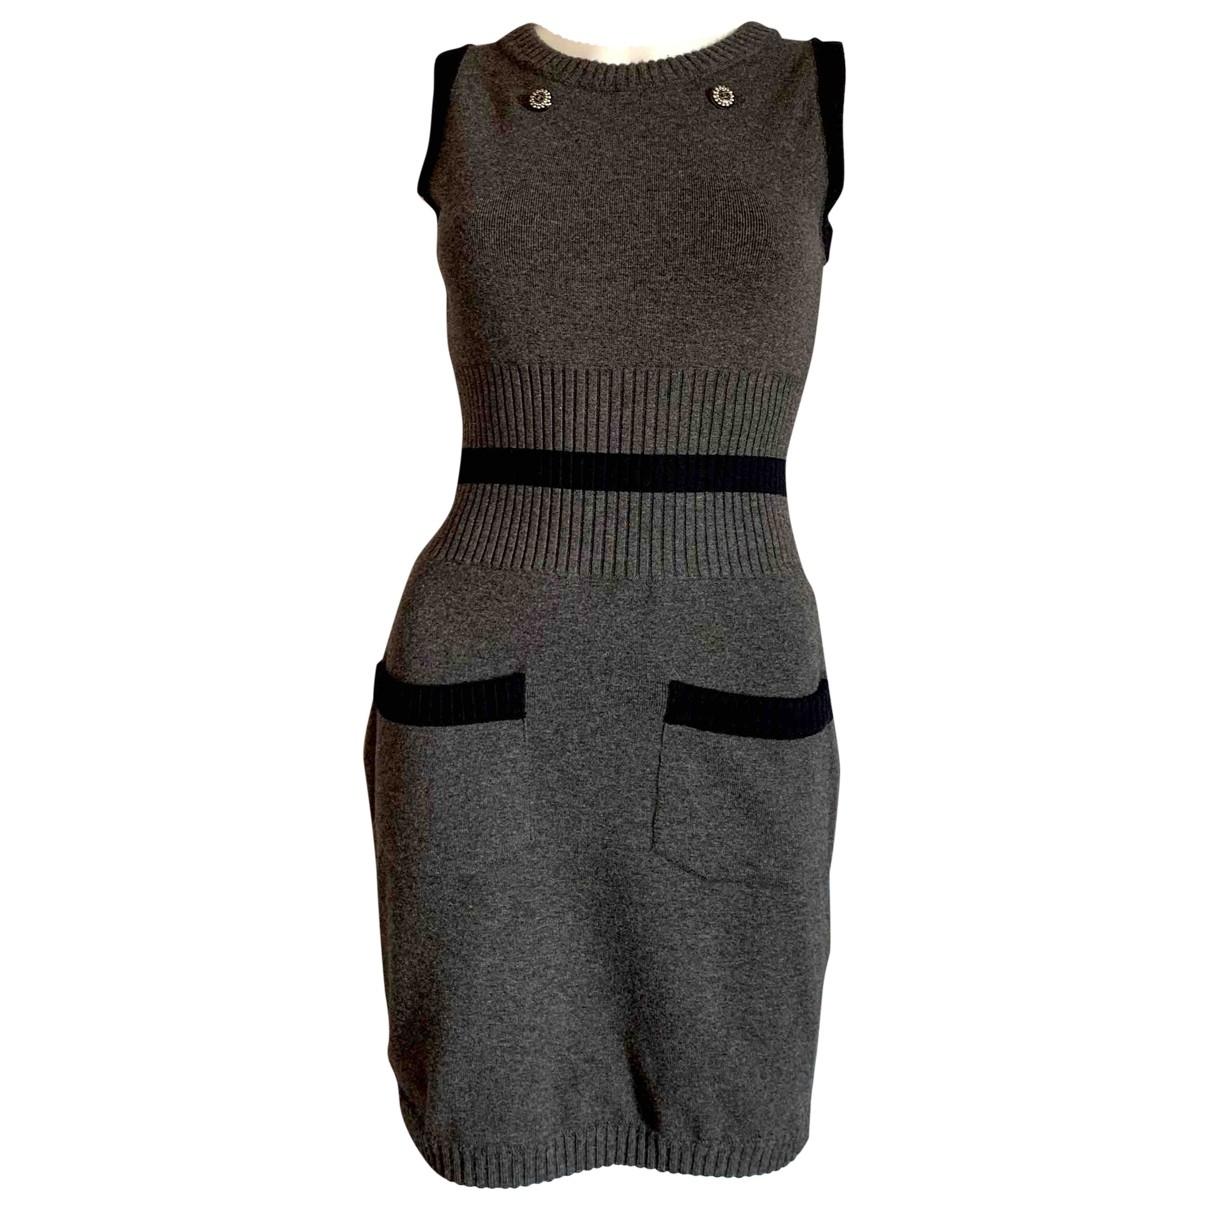 Chanel \N Kleid in  Grau Wolle